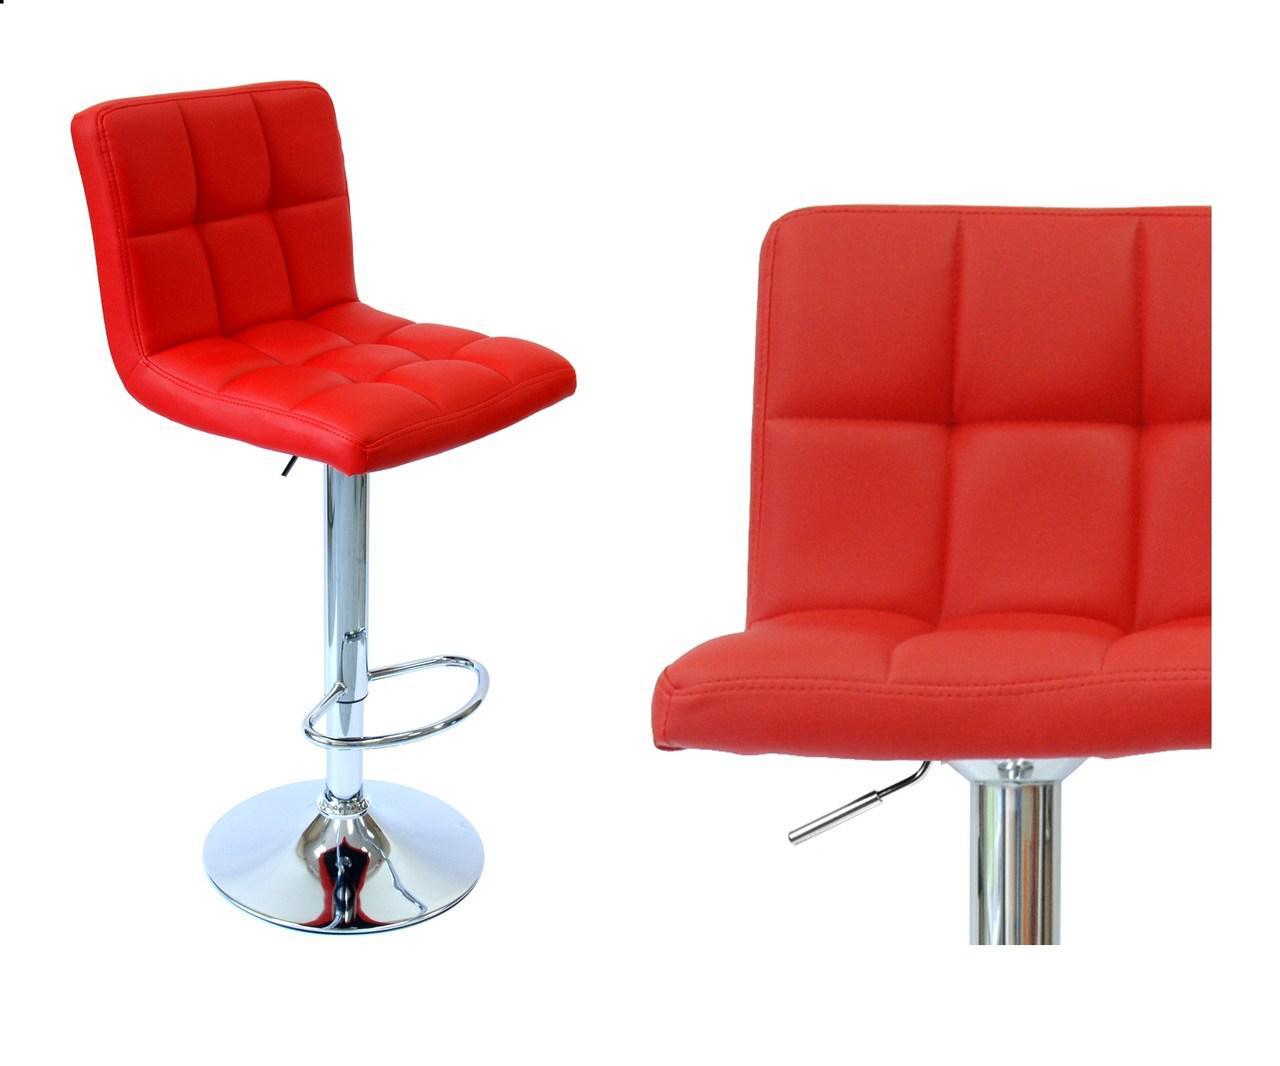 Барний стілець барний стілець крісло на кухню Hoker червоний